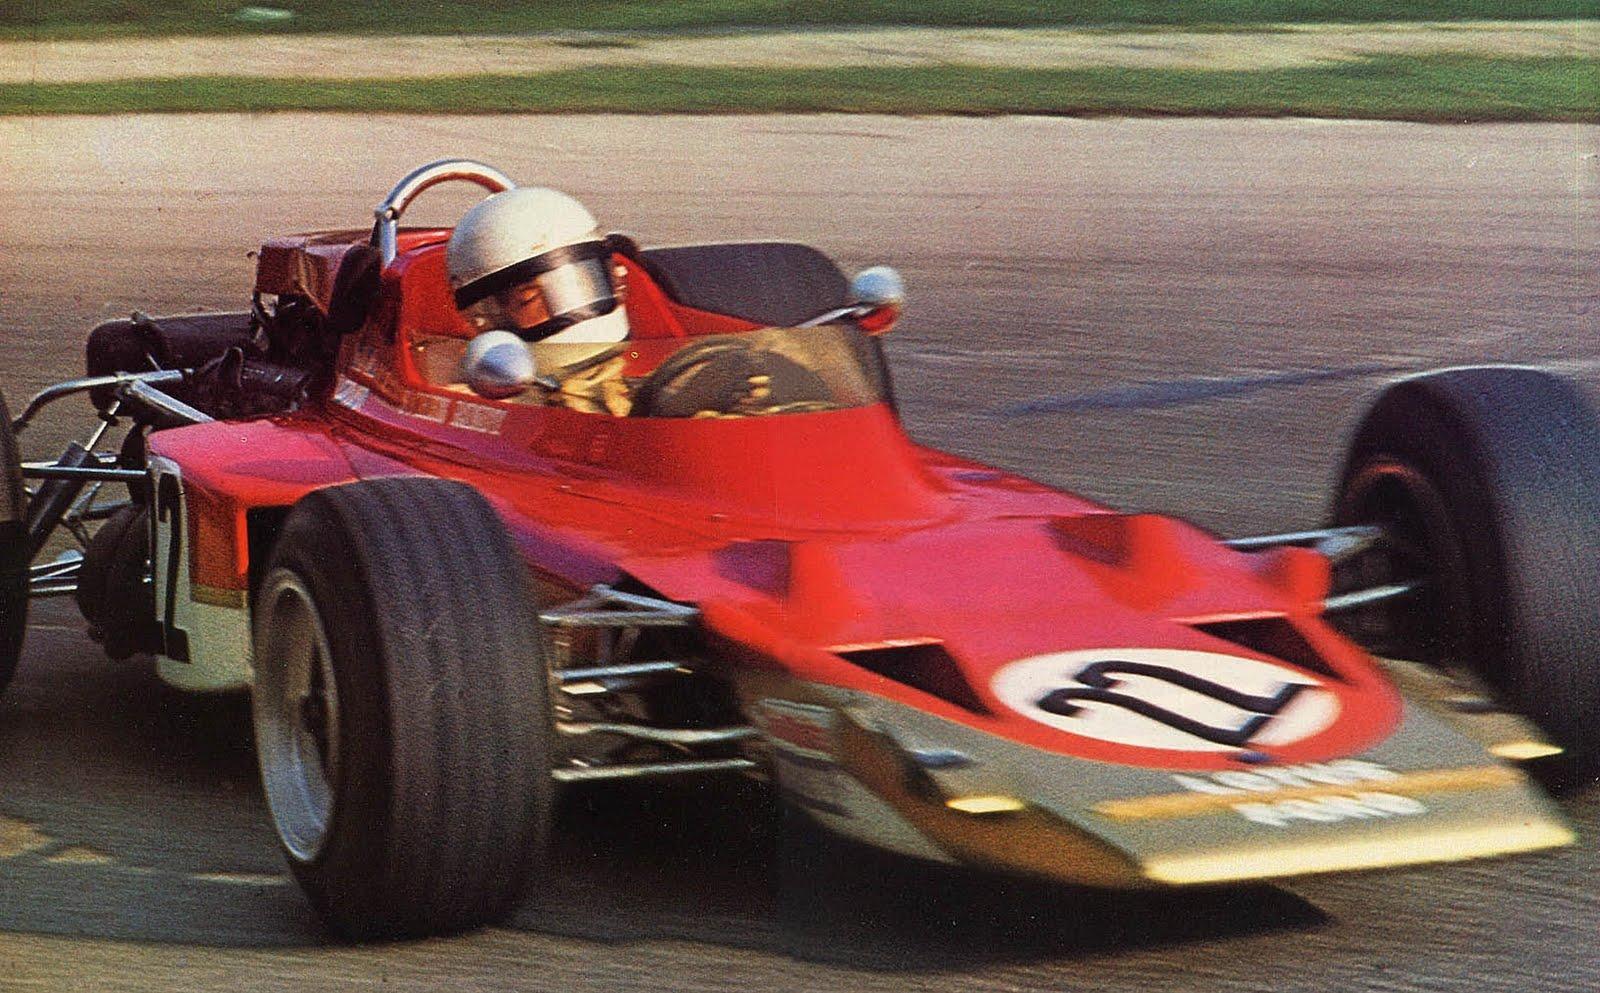 Jochen Rindt u Lotus Fordu na VN Italije 1970. Austrijanac je izletio na kočenju u Parabolicu i preminuo od posljedica nesreće u dobi od samo 28 godina. Rindt je jedini posthumno proglašeni prvak u povijesti Formule 1. (5.9.1970.) Foto: gvmracing.blogspot.com